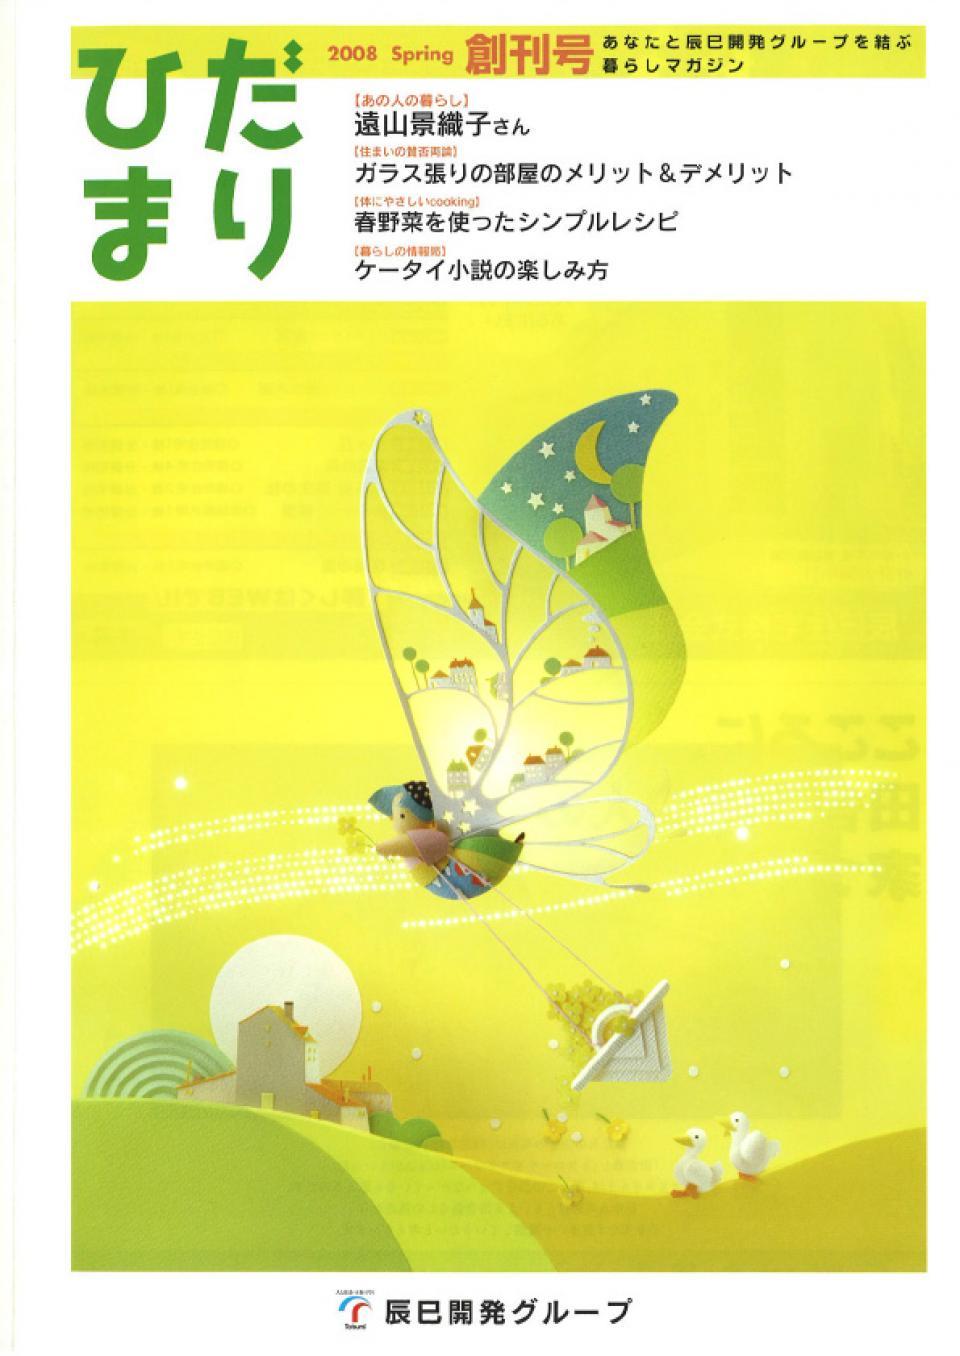 ひだまり 2008 Spring 創刊号